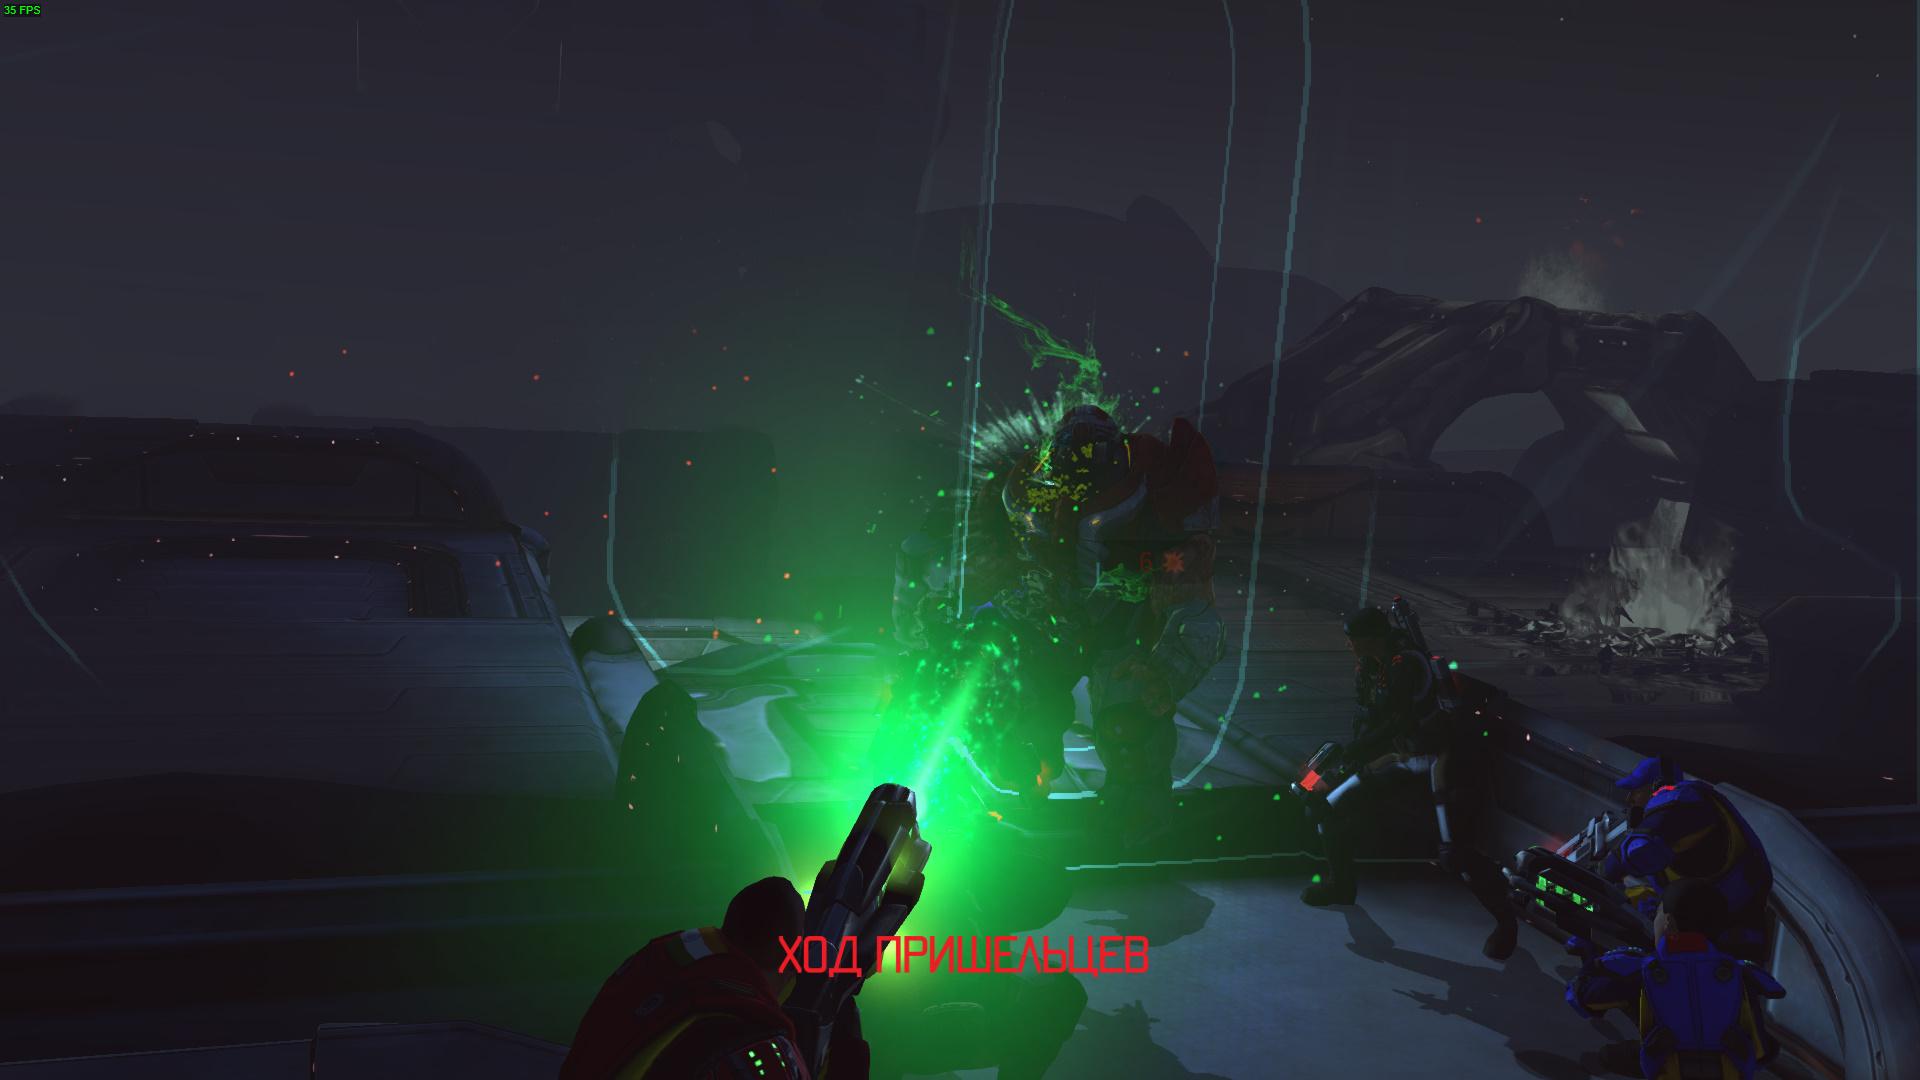 XComGame 2017-06-22 21-19-34-362.jpg - XCOM: Enemy Unknown